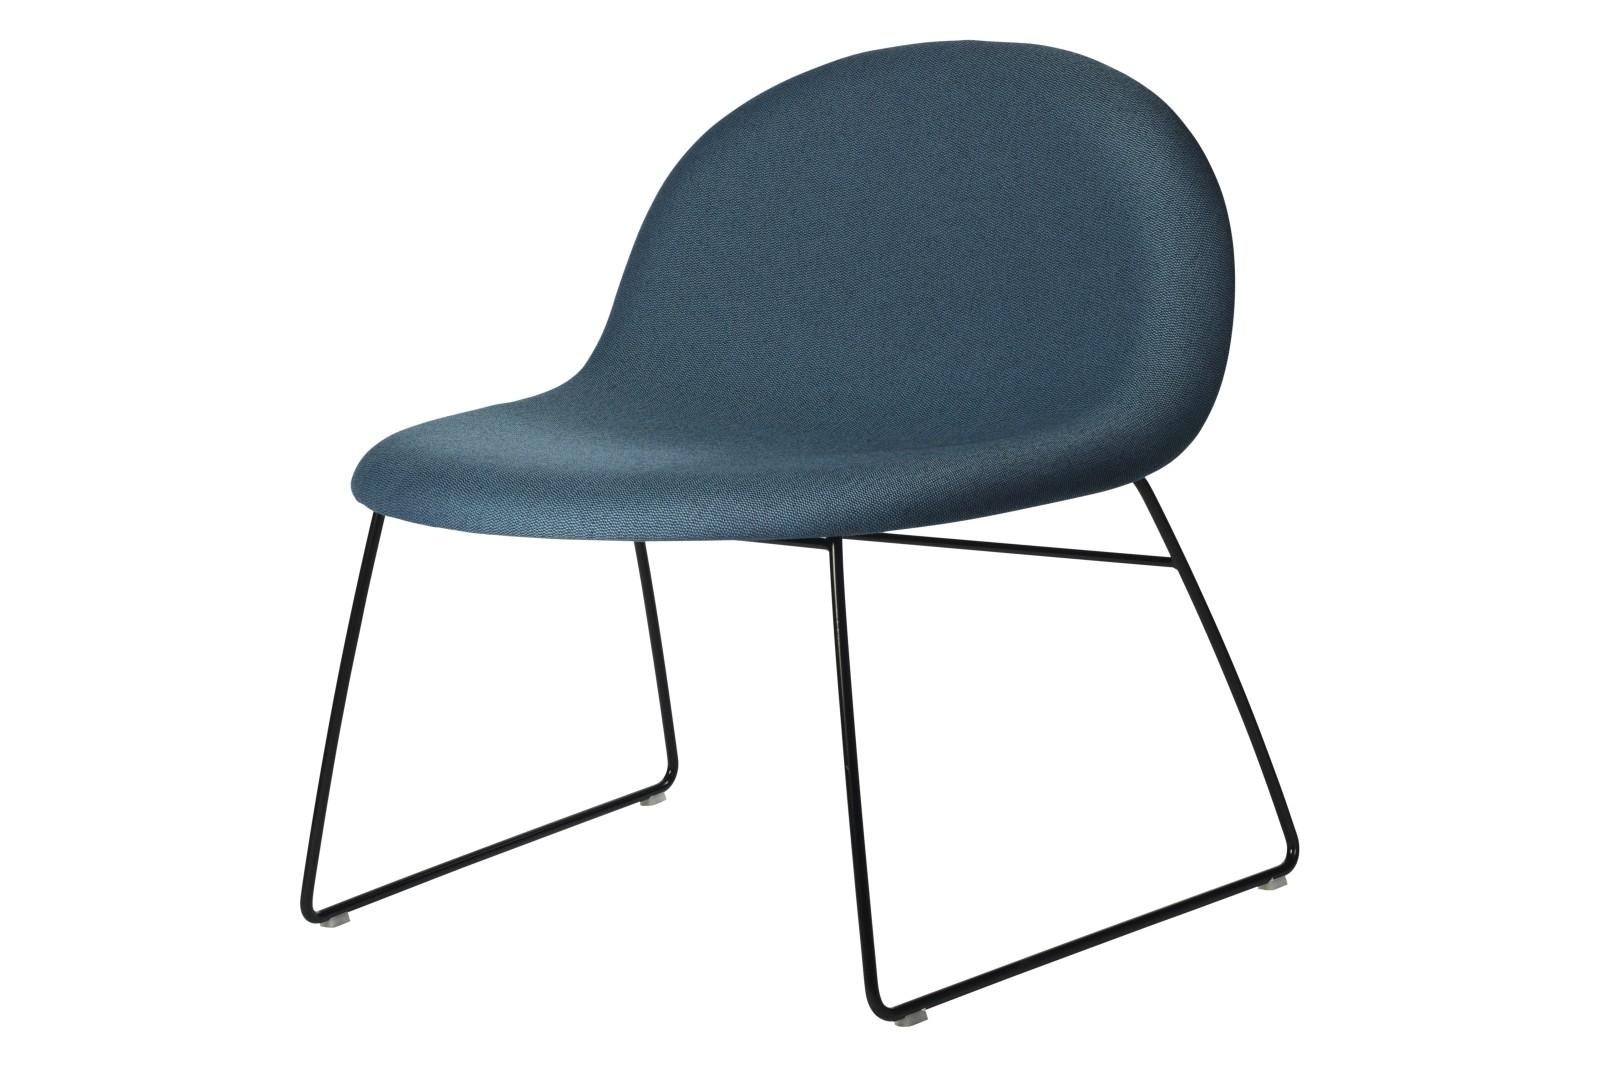 3D Lounge Chair - Fully Upholstered, Sledge Base Price Grp. 01, Gubi Metal Black Matt